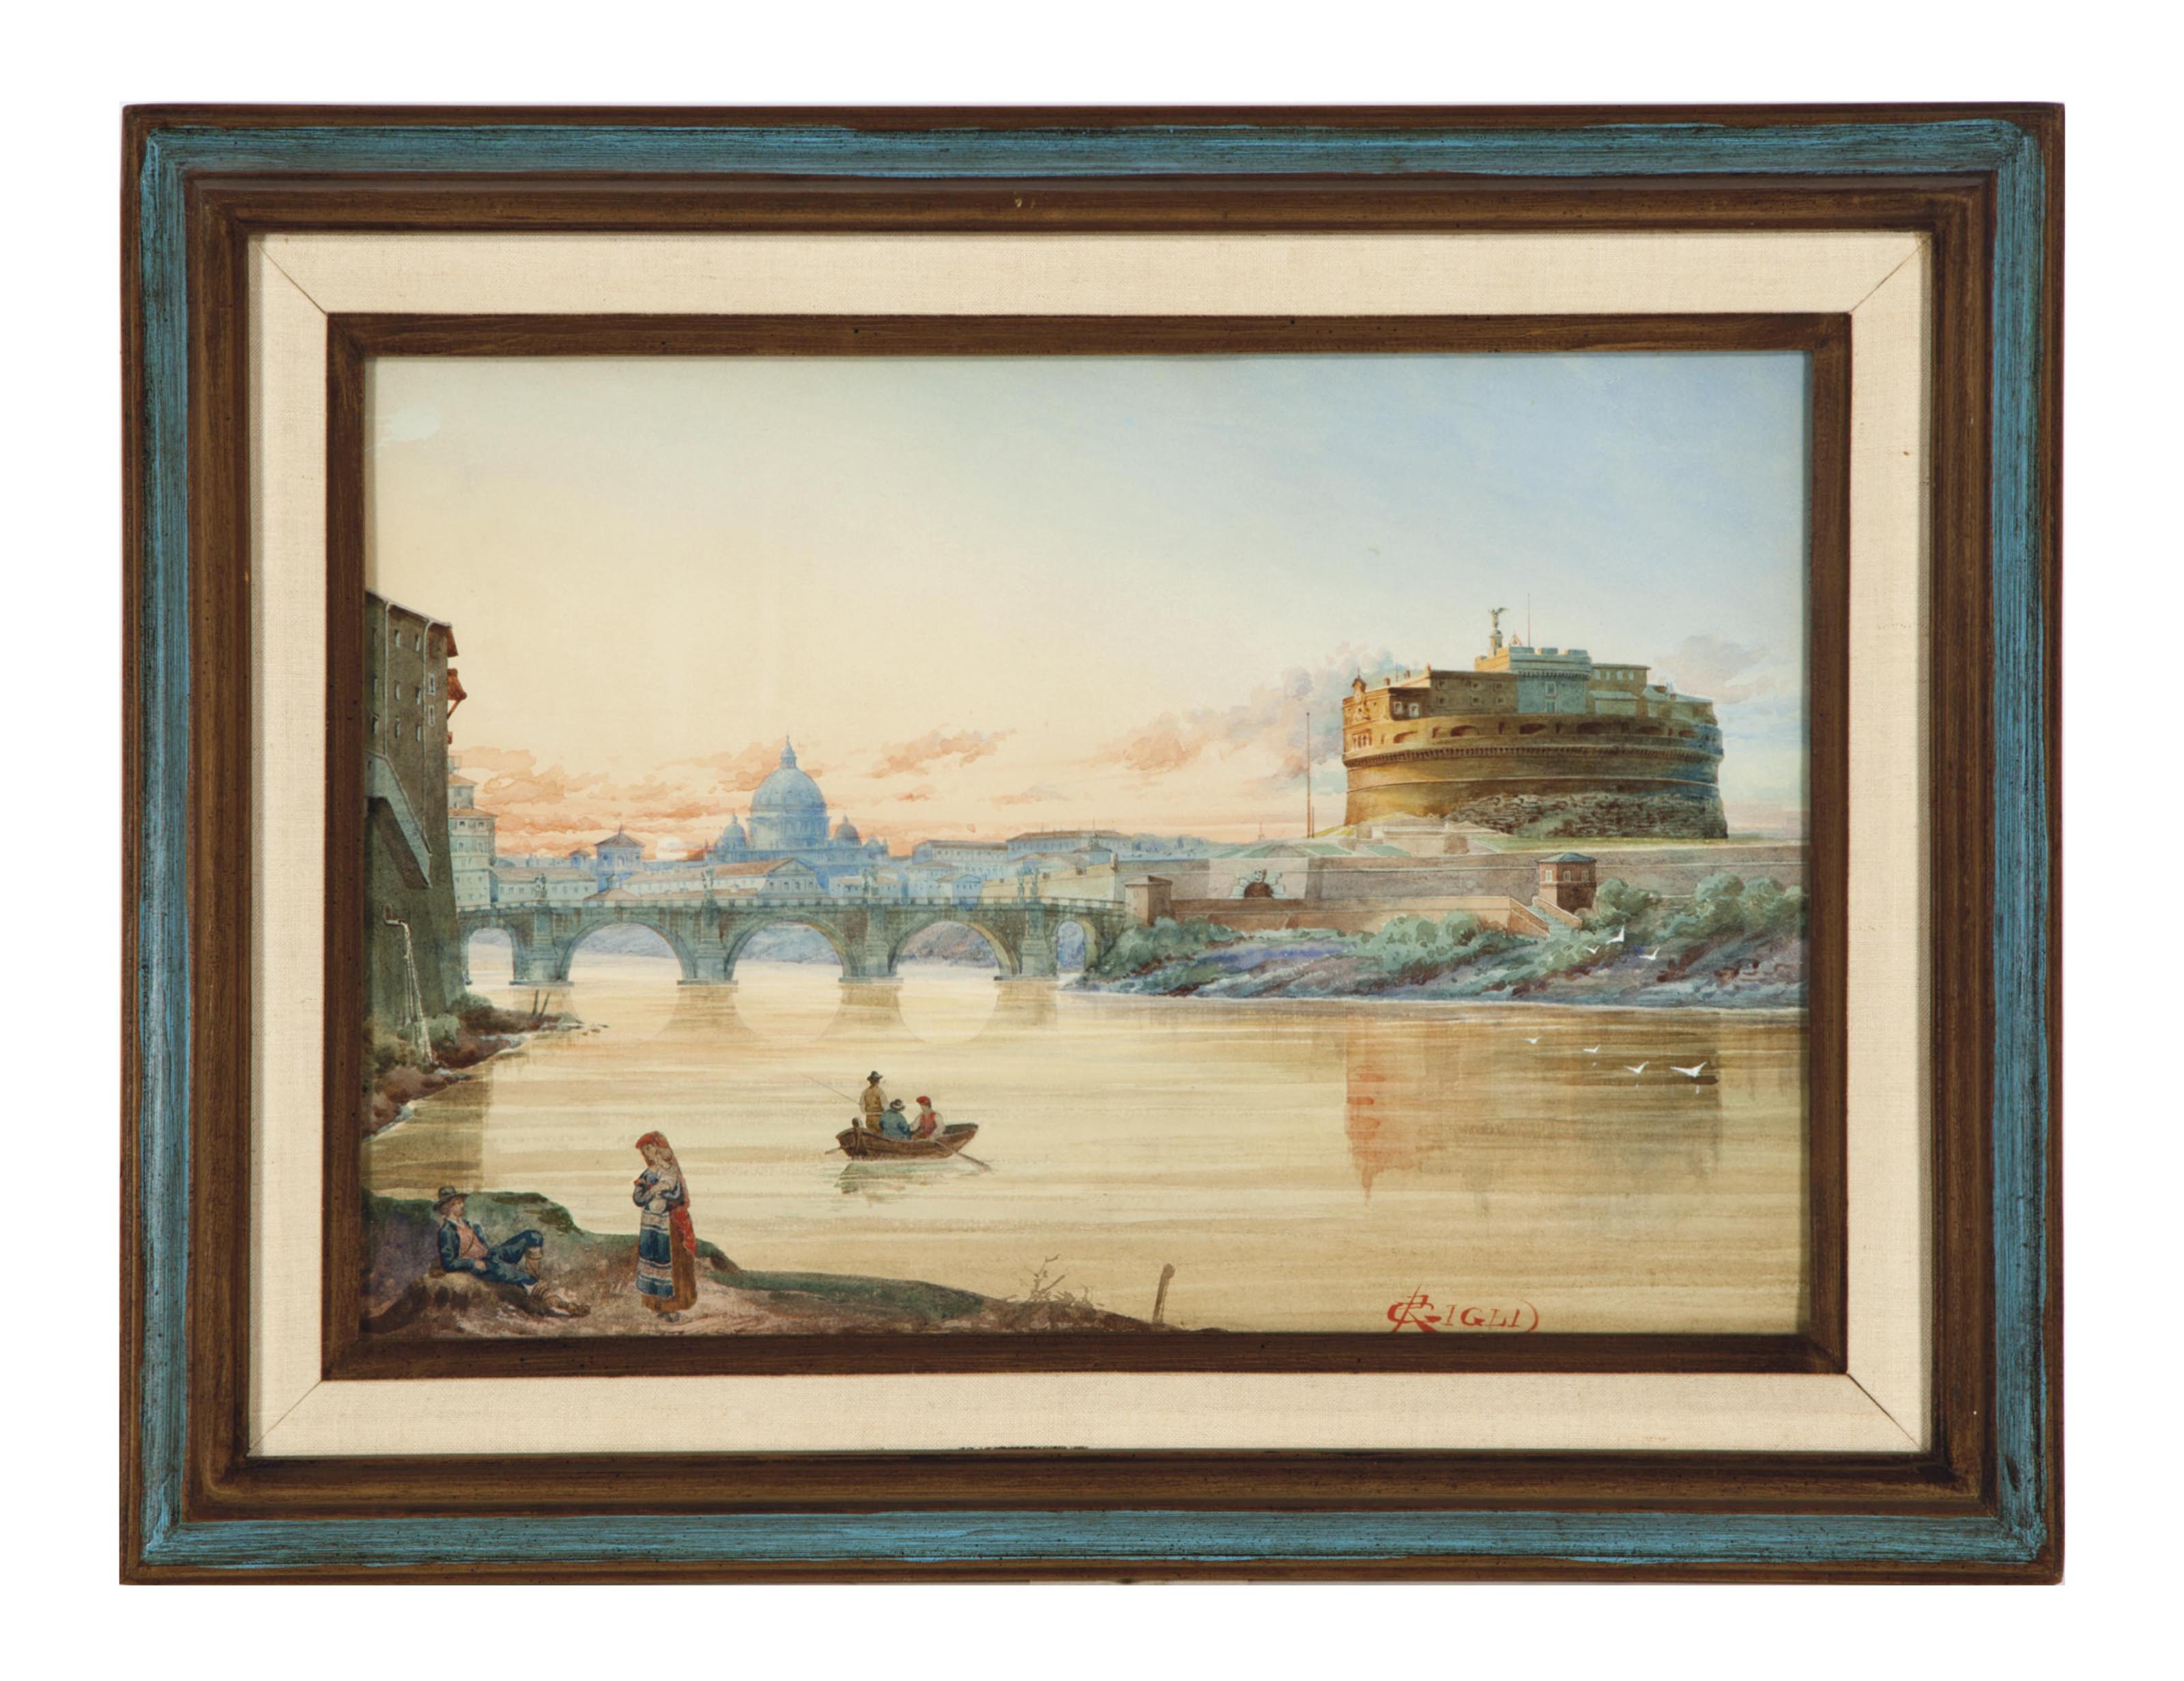 Roberto Gigli (Italian, 1846-1